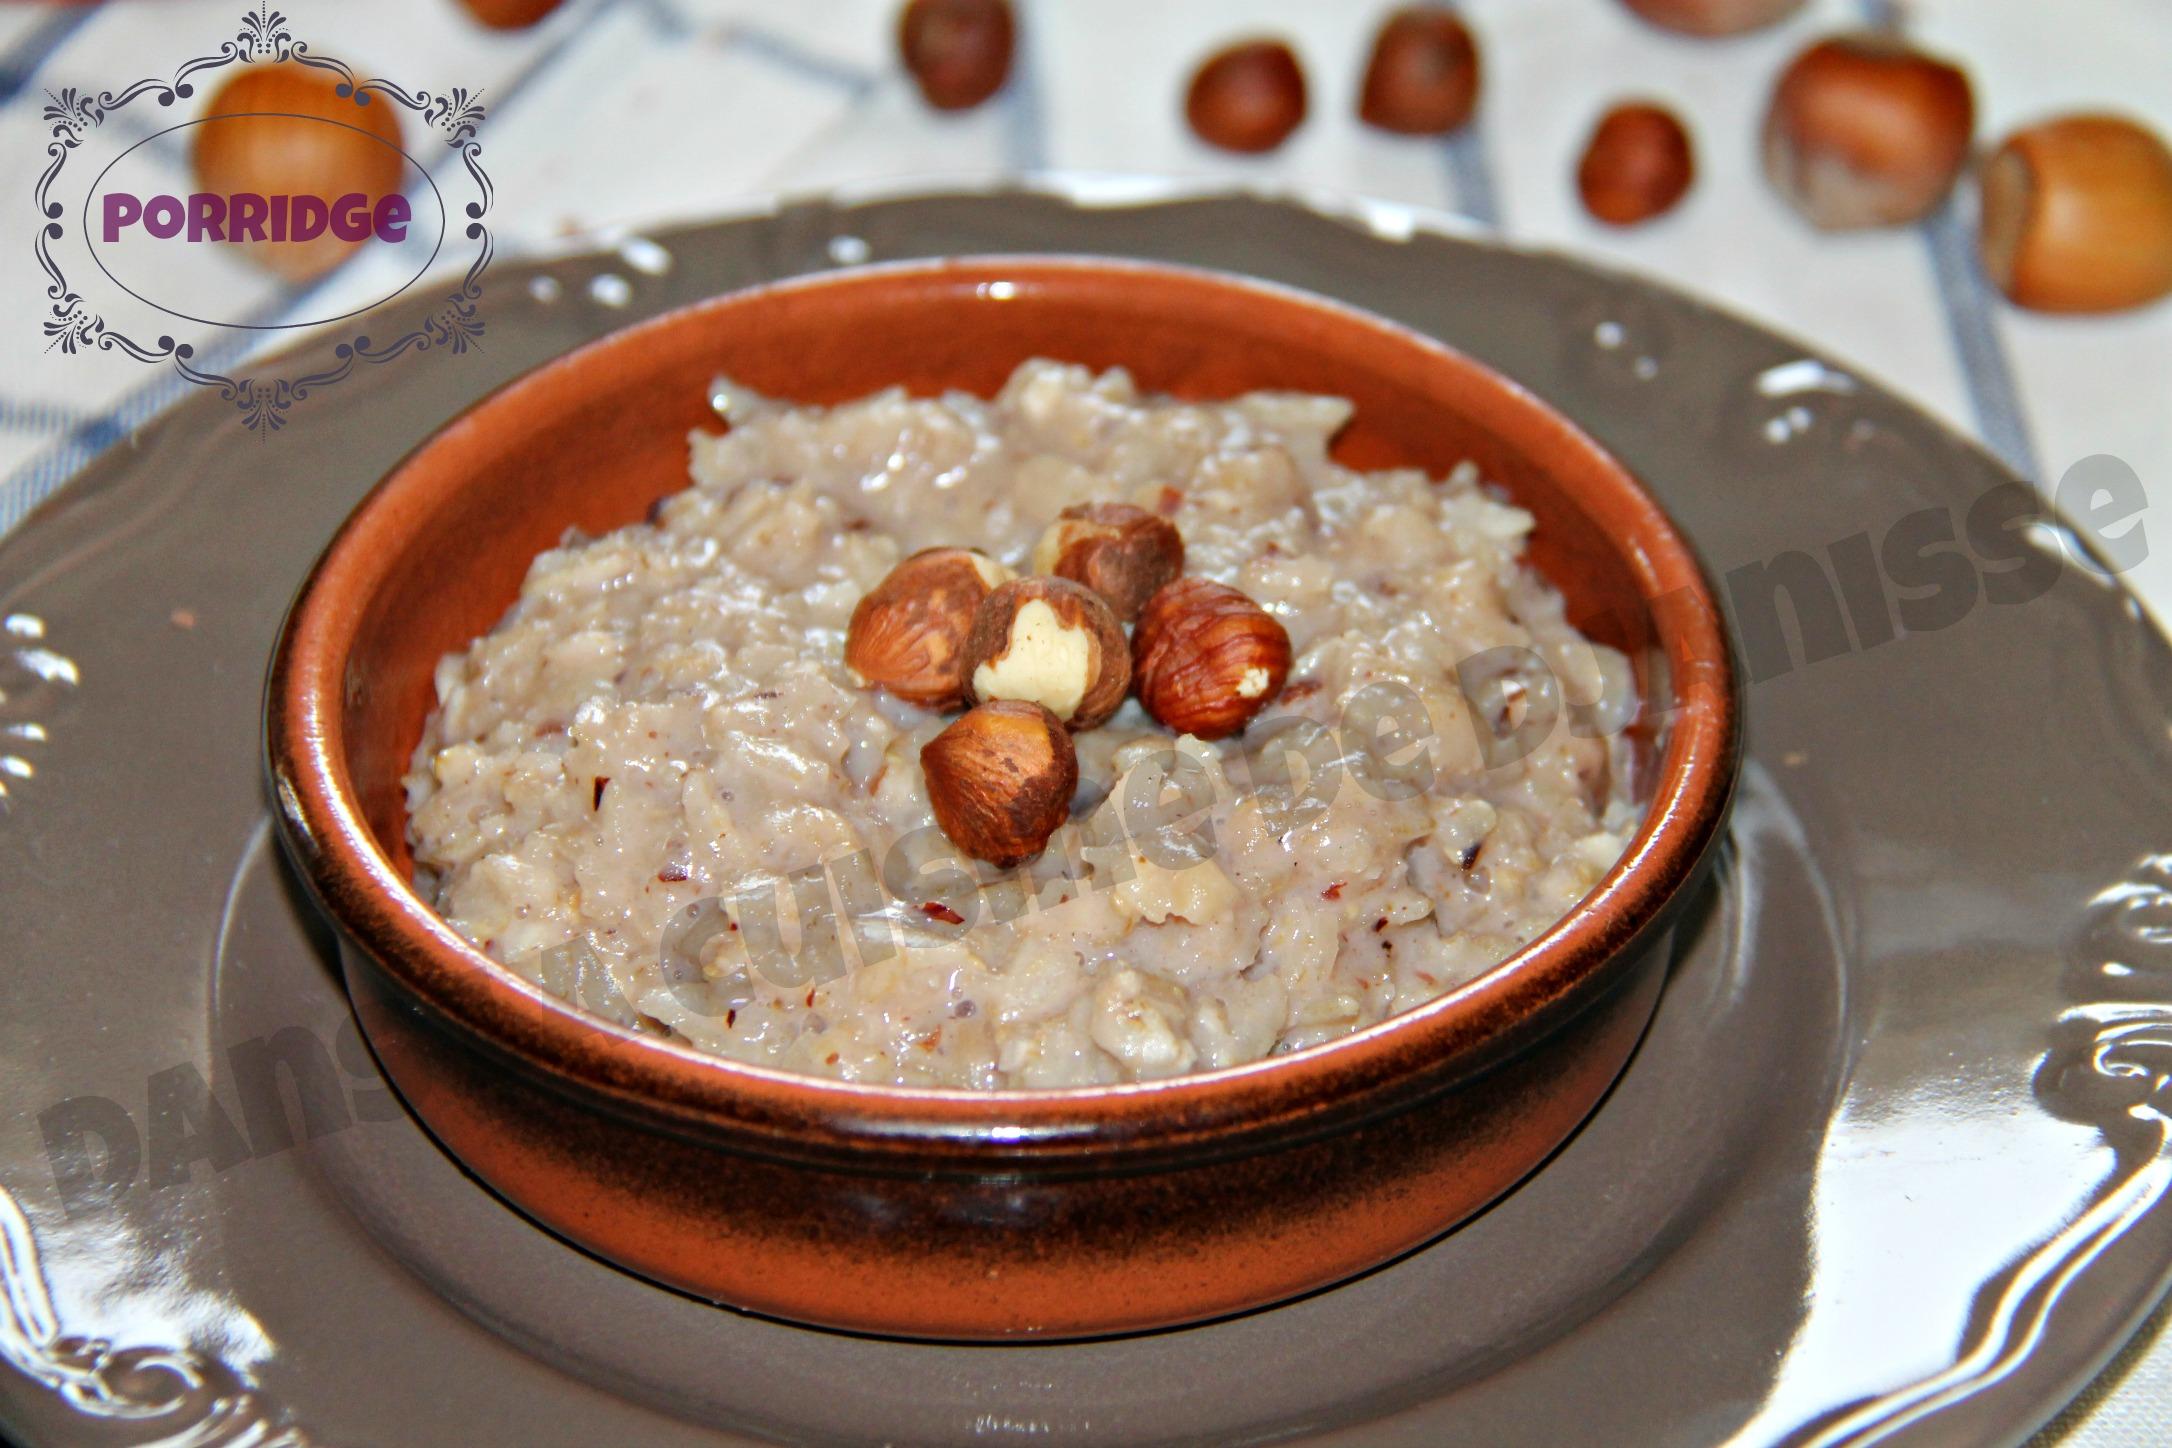 porridge sans gluten recette vegetalienne. Black Bedroom Furniture Sets. Home Design Ideas